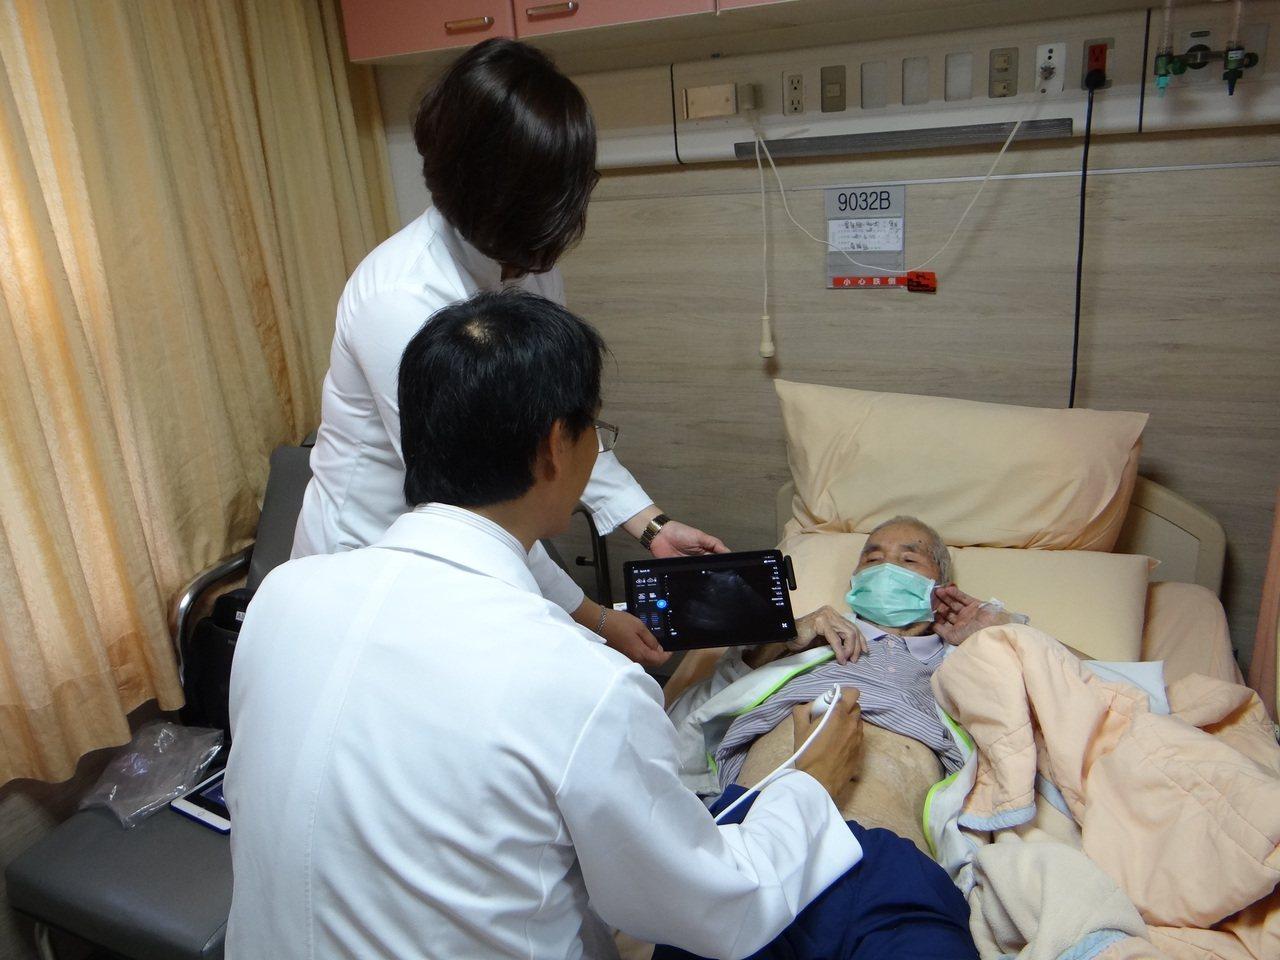 整合醫學病房不同科別醫護合力醫療照護。記者周宗禎/攝影